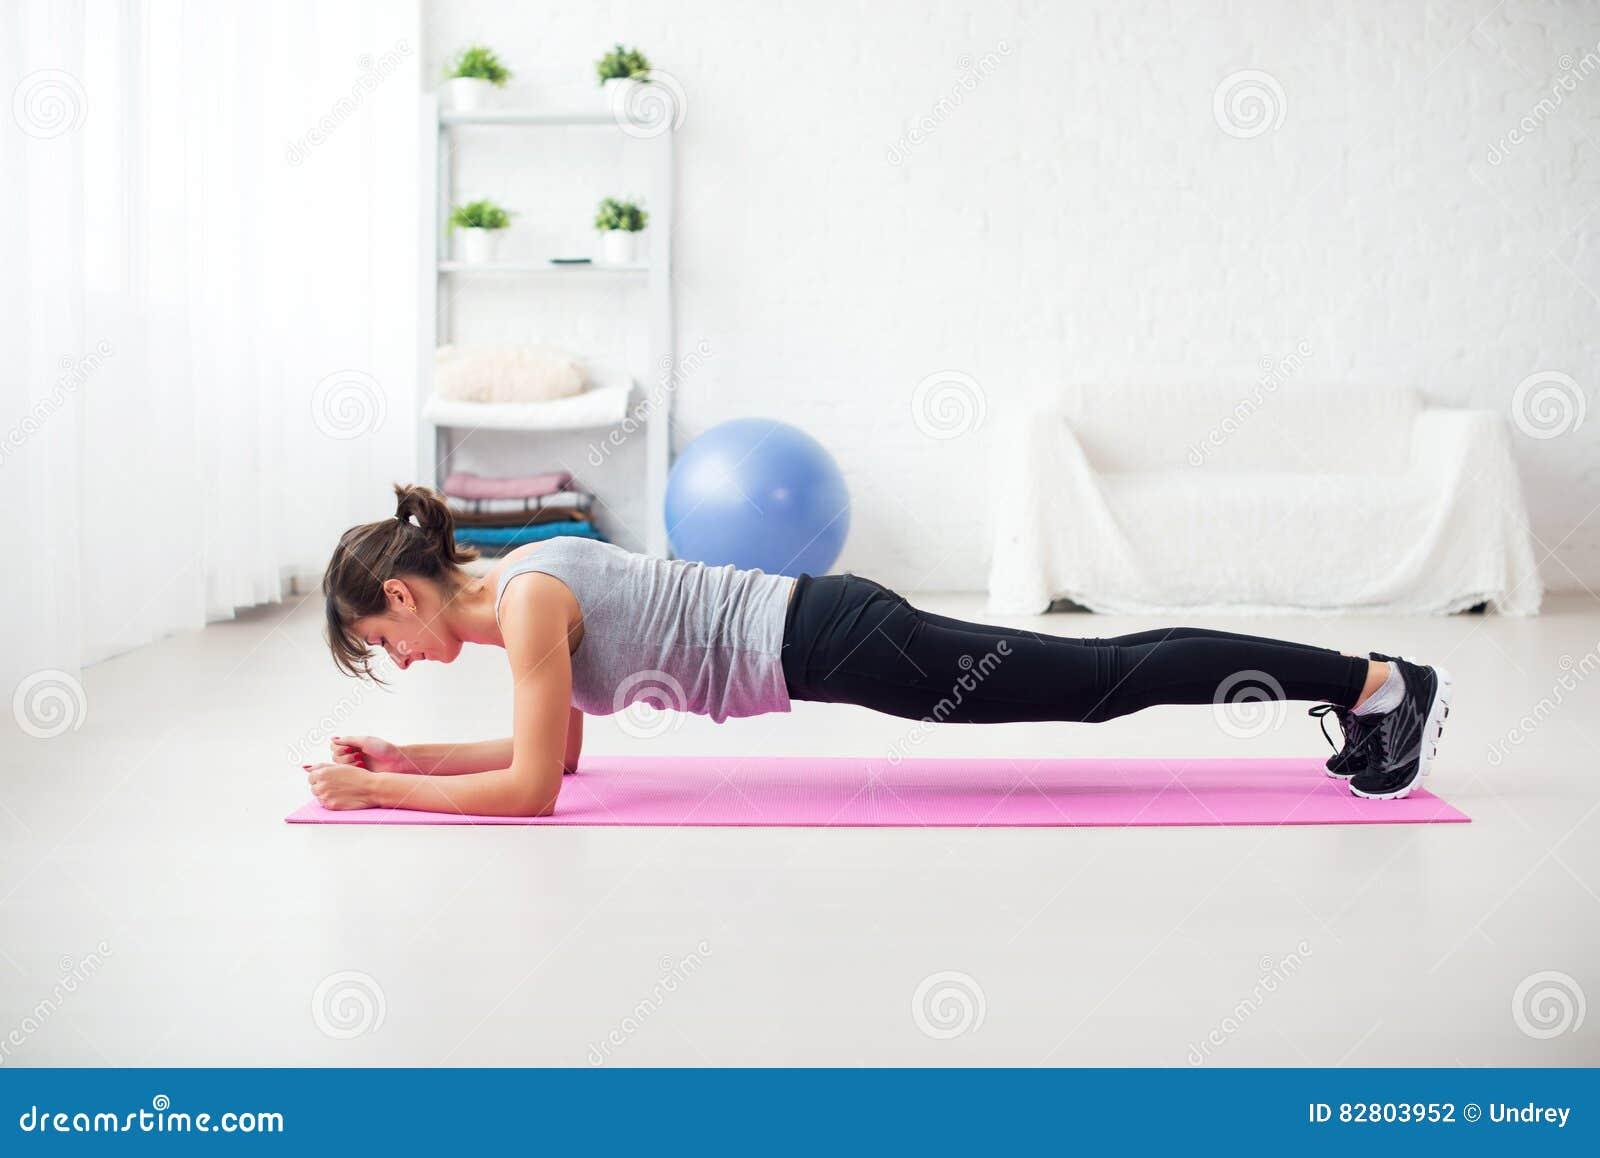 fille convenable en position de planche sur le tapis la maison l 39 exercice de salon pour la. Black Bedroom Furniture Sets. Home Design Ideas